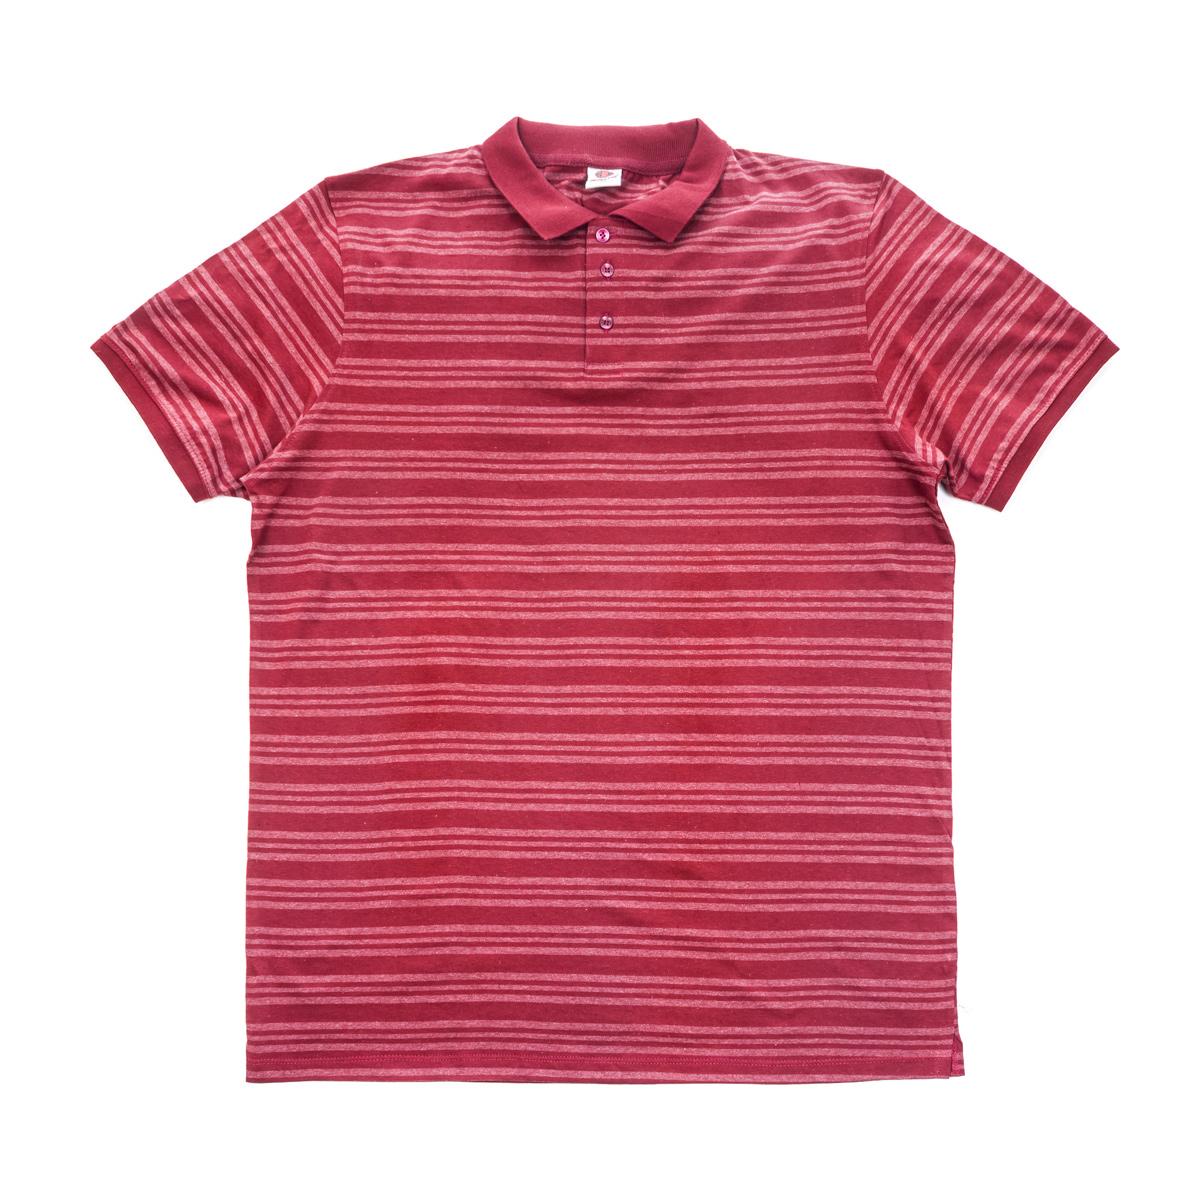 Муж. футболка арт. 04-0046 Бордовый р. 58 - Мужская одежда артикул: 25683